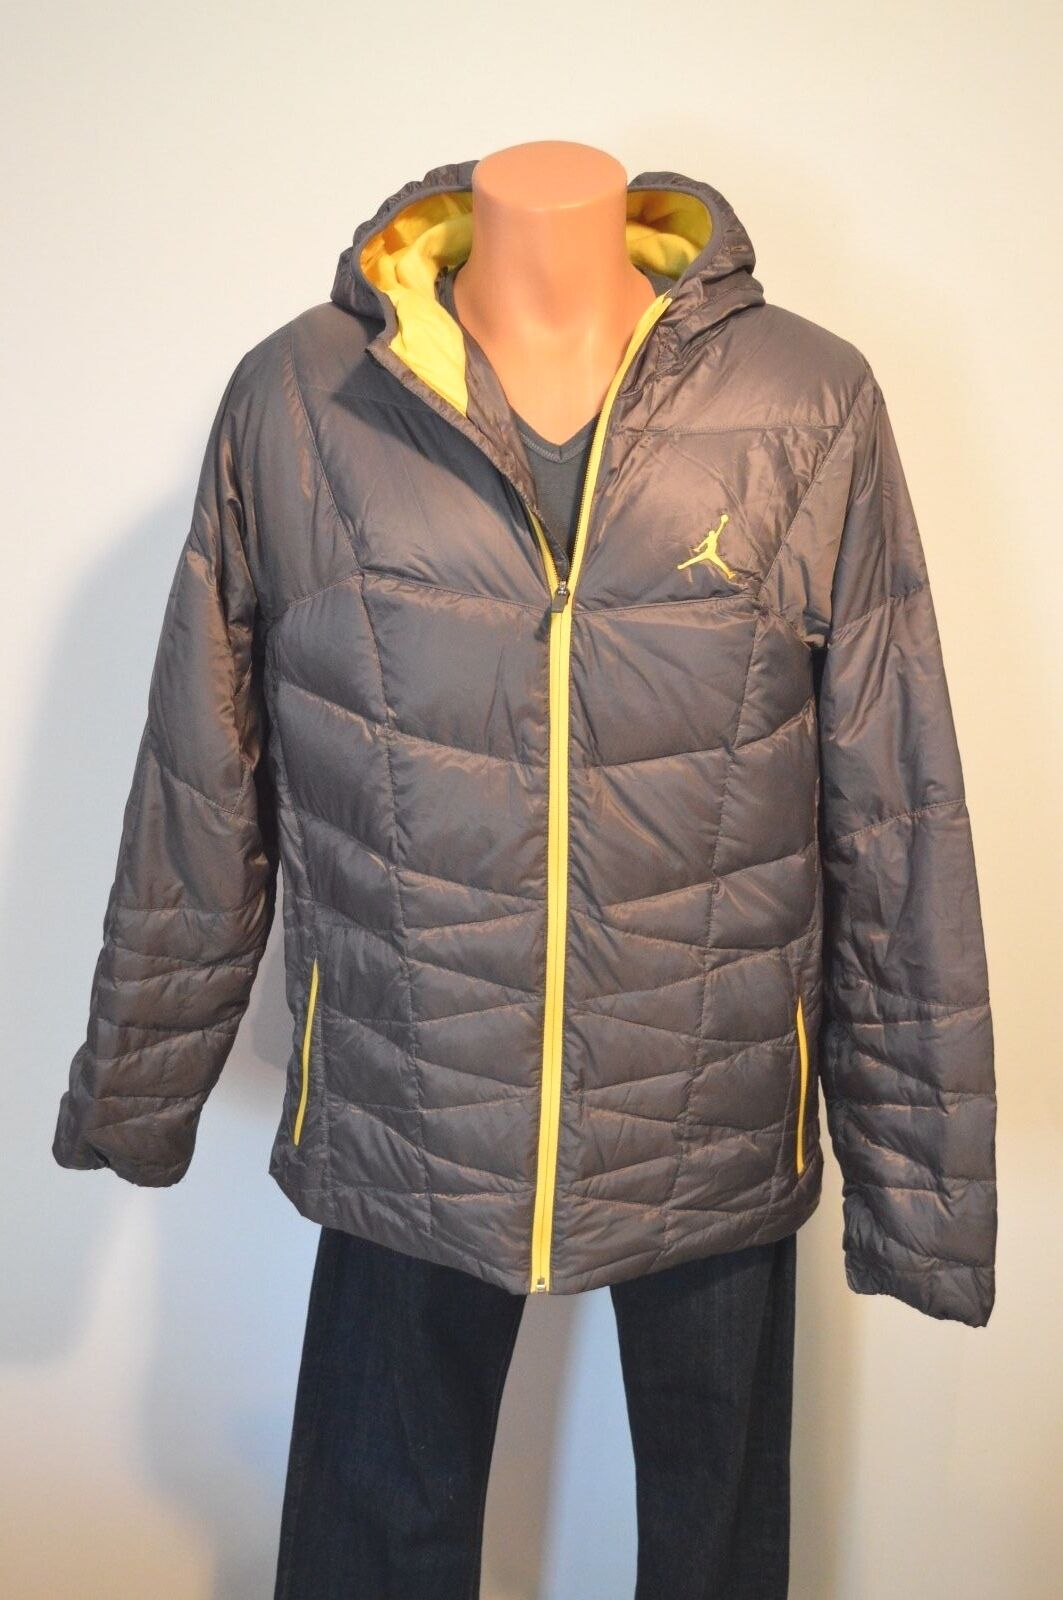 8bc2adade Michael Jordan New $225 Nike Air Jordan Hyperply Players Jacket Puffer  Grey/Yellow Coat XL